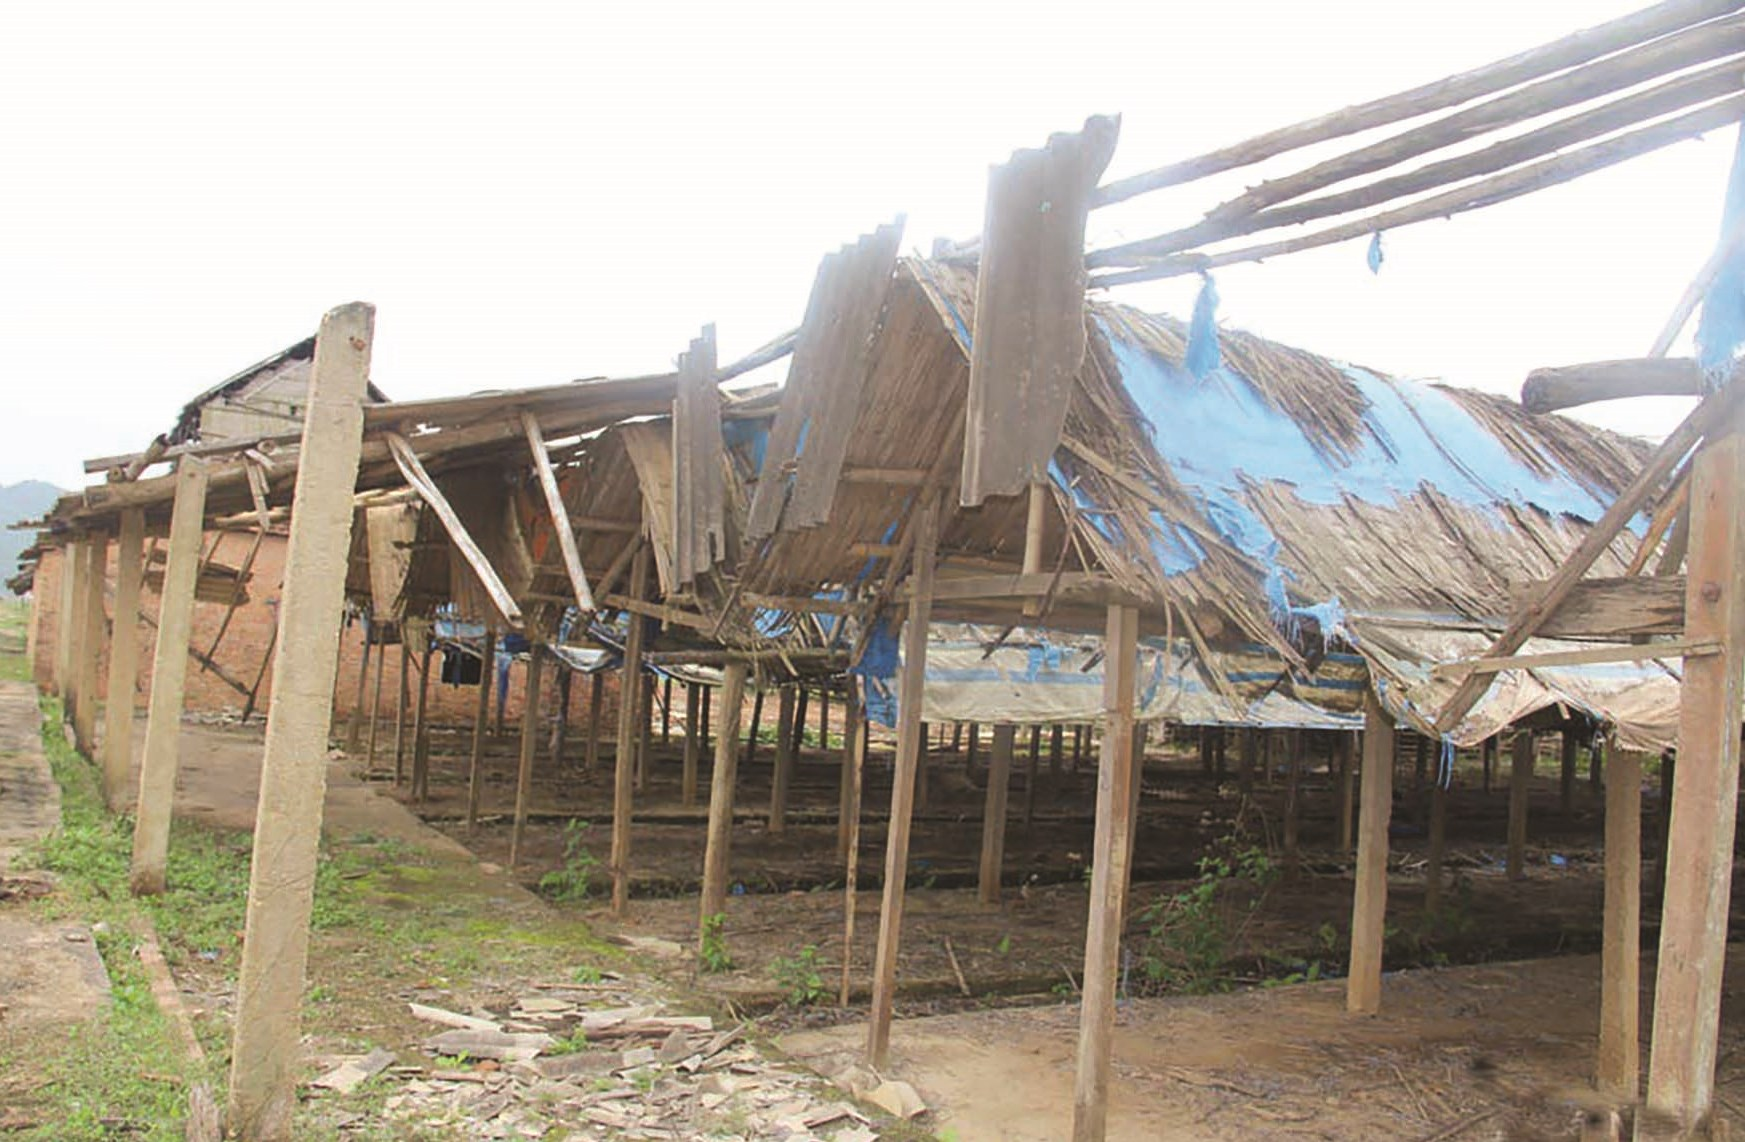 Hàng trăm lò gạch và hàng chục ha đất của làng ngói Cừa bỏ hoang nhiều năm nay